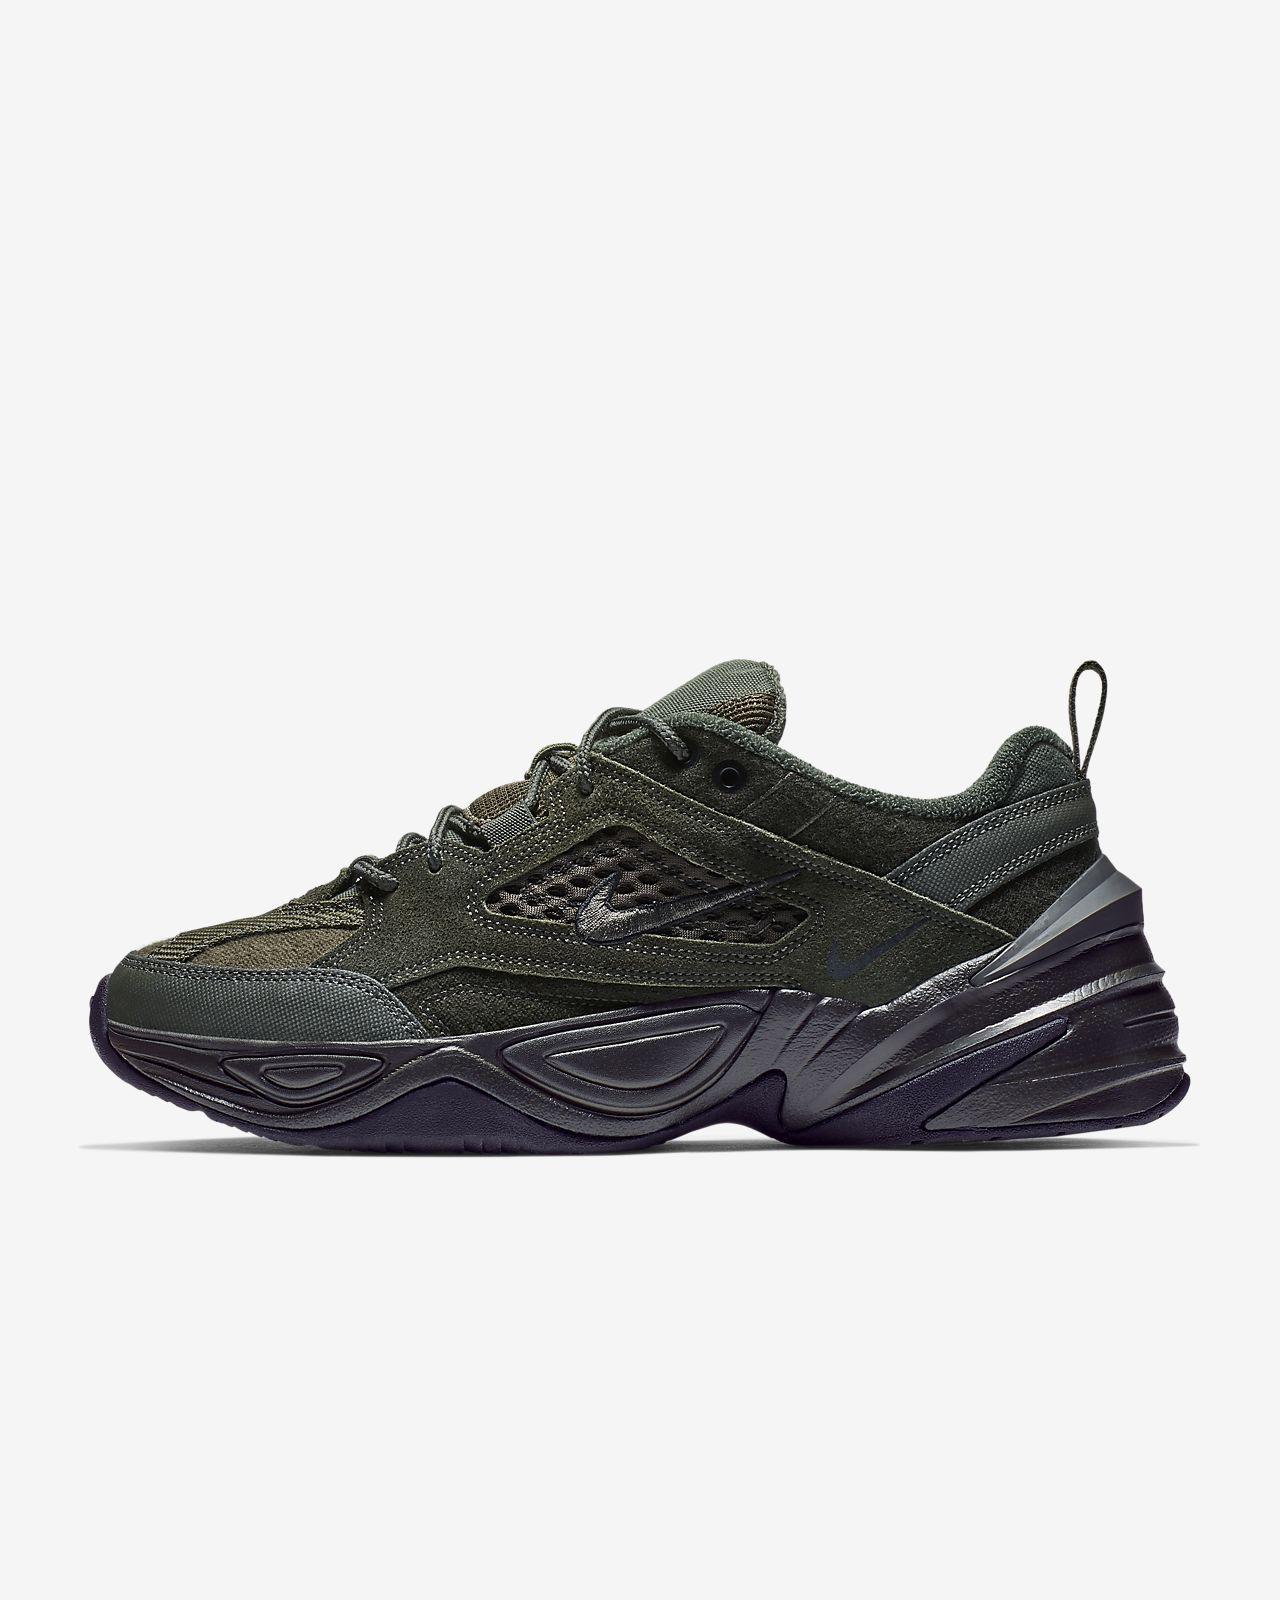 60f052fc0649 Nike M2K Tekno SP Men's Shoe. Nike.com AU